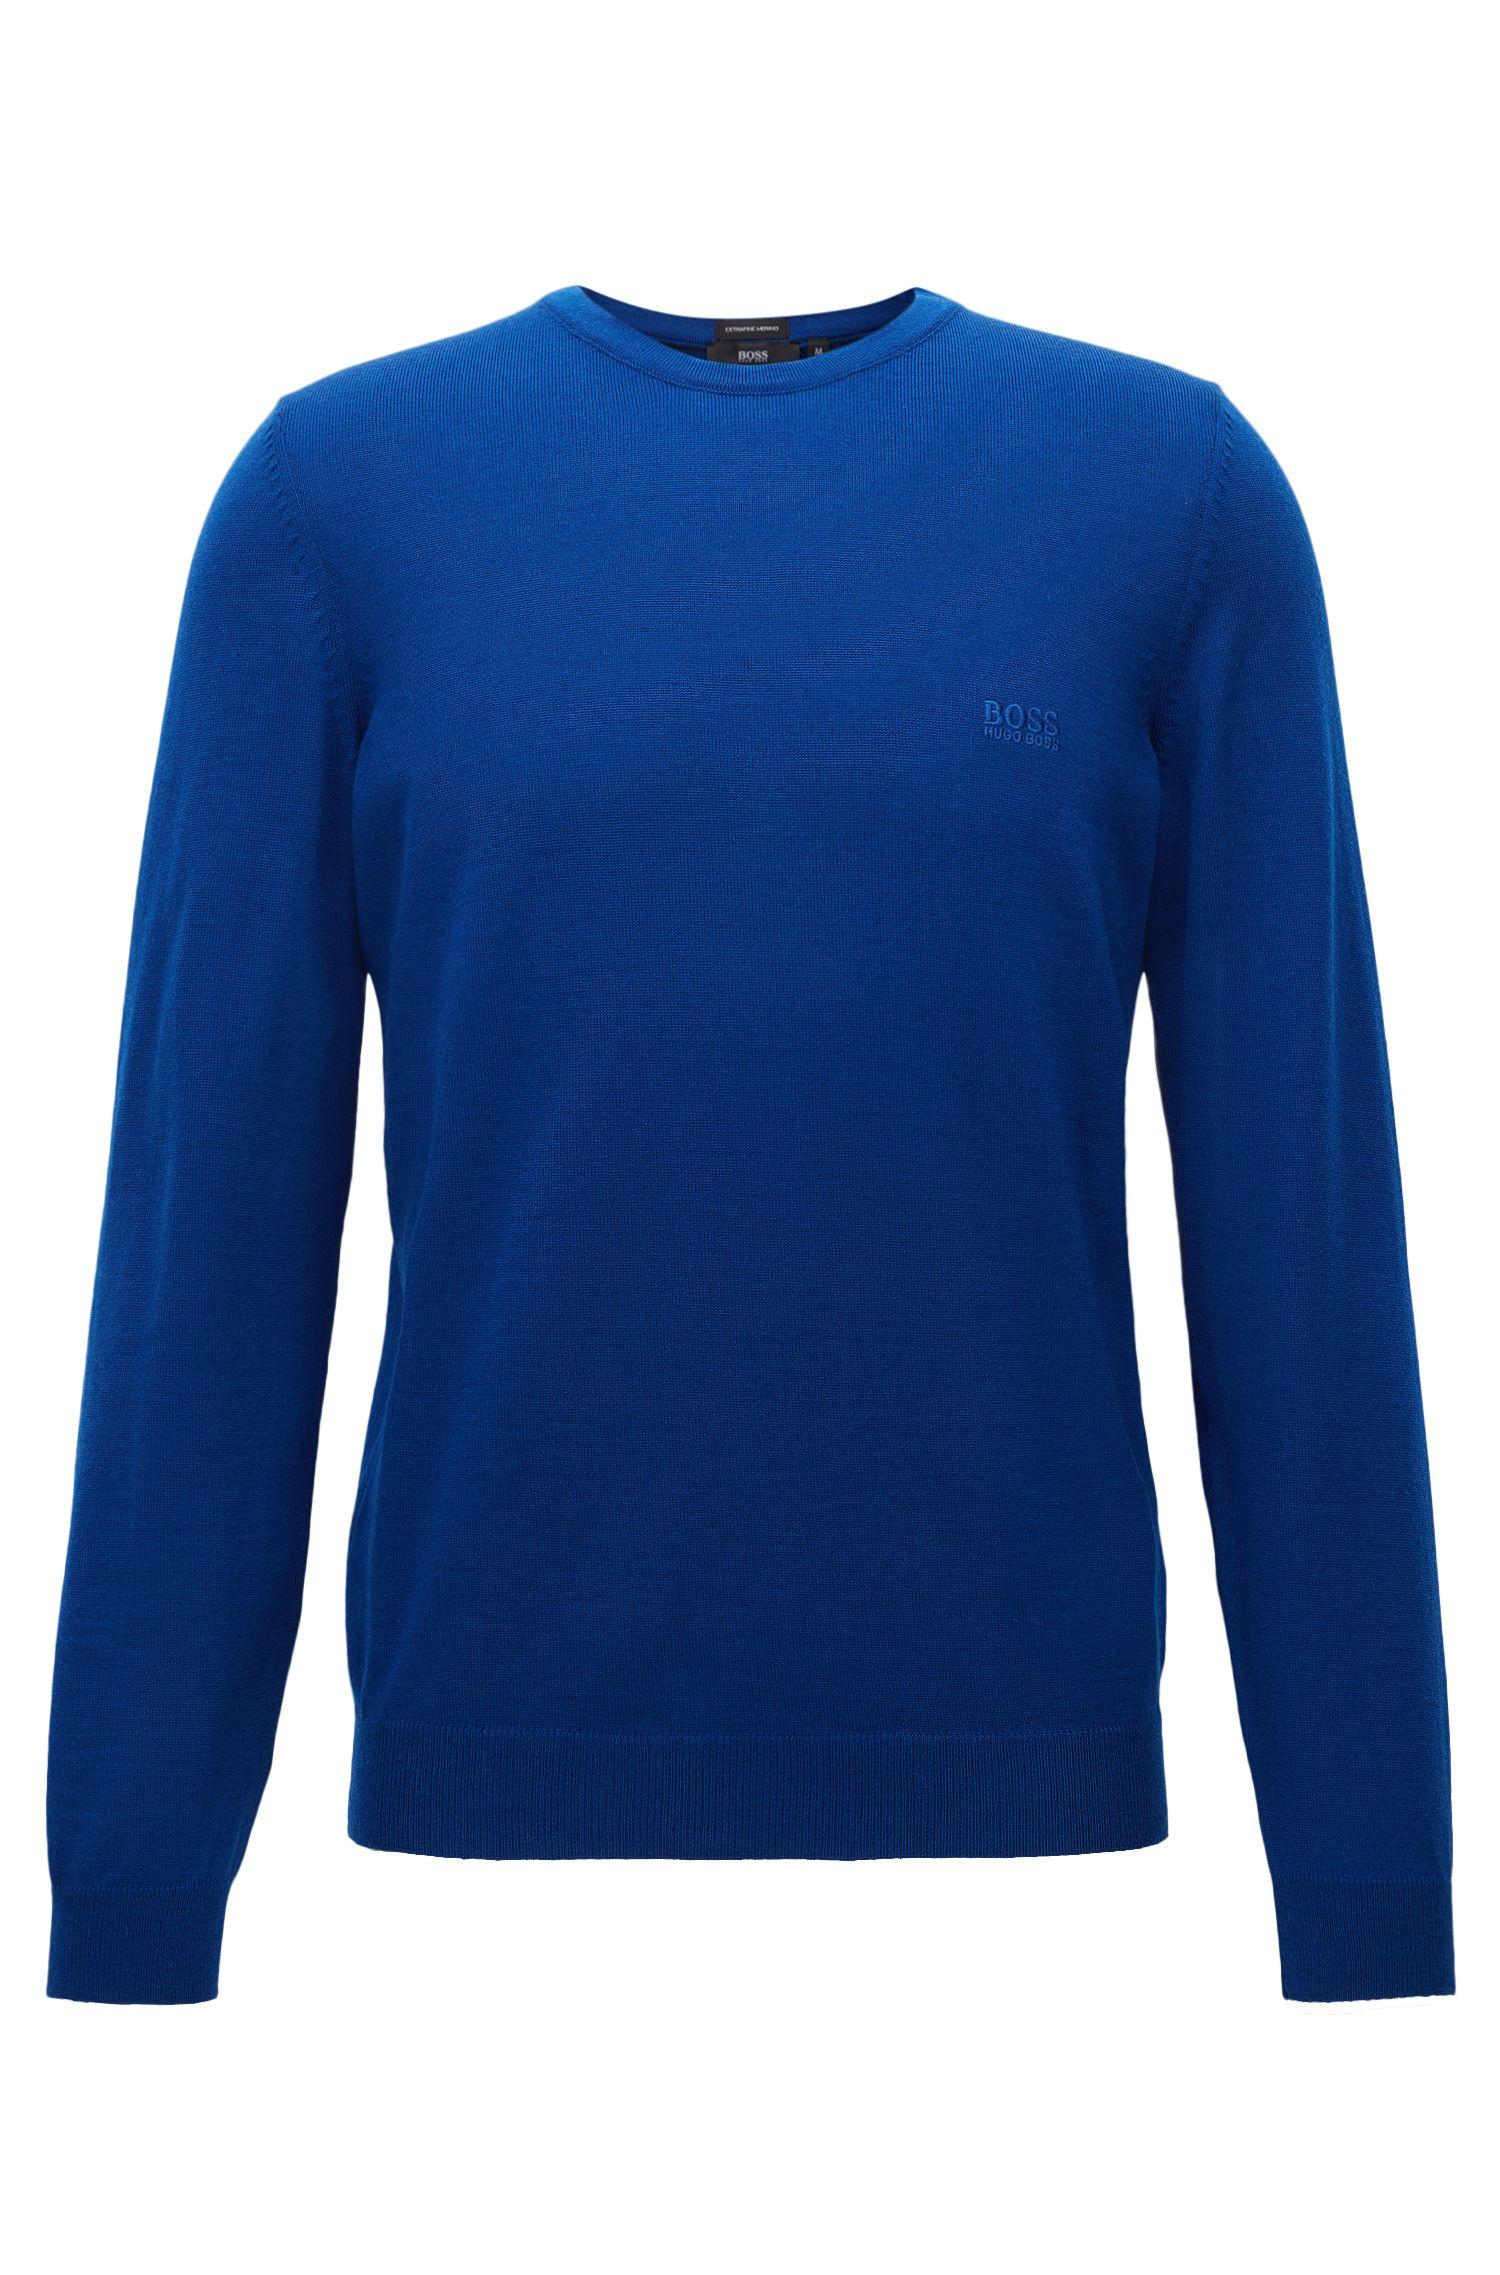 Maglione a girocollo in jersey di lana vergine